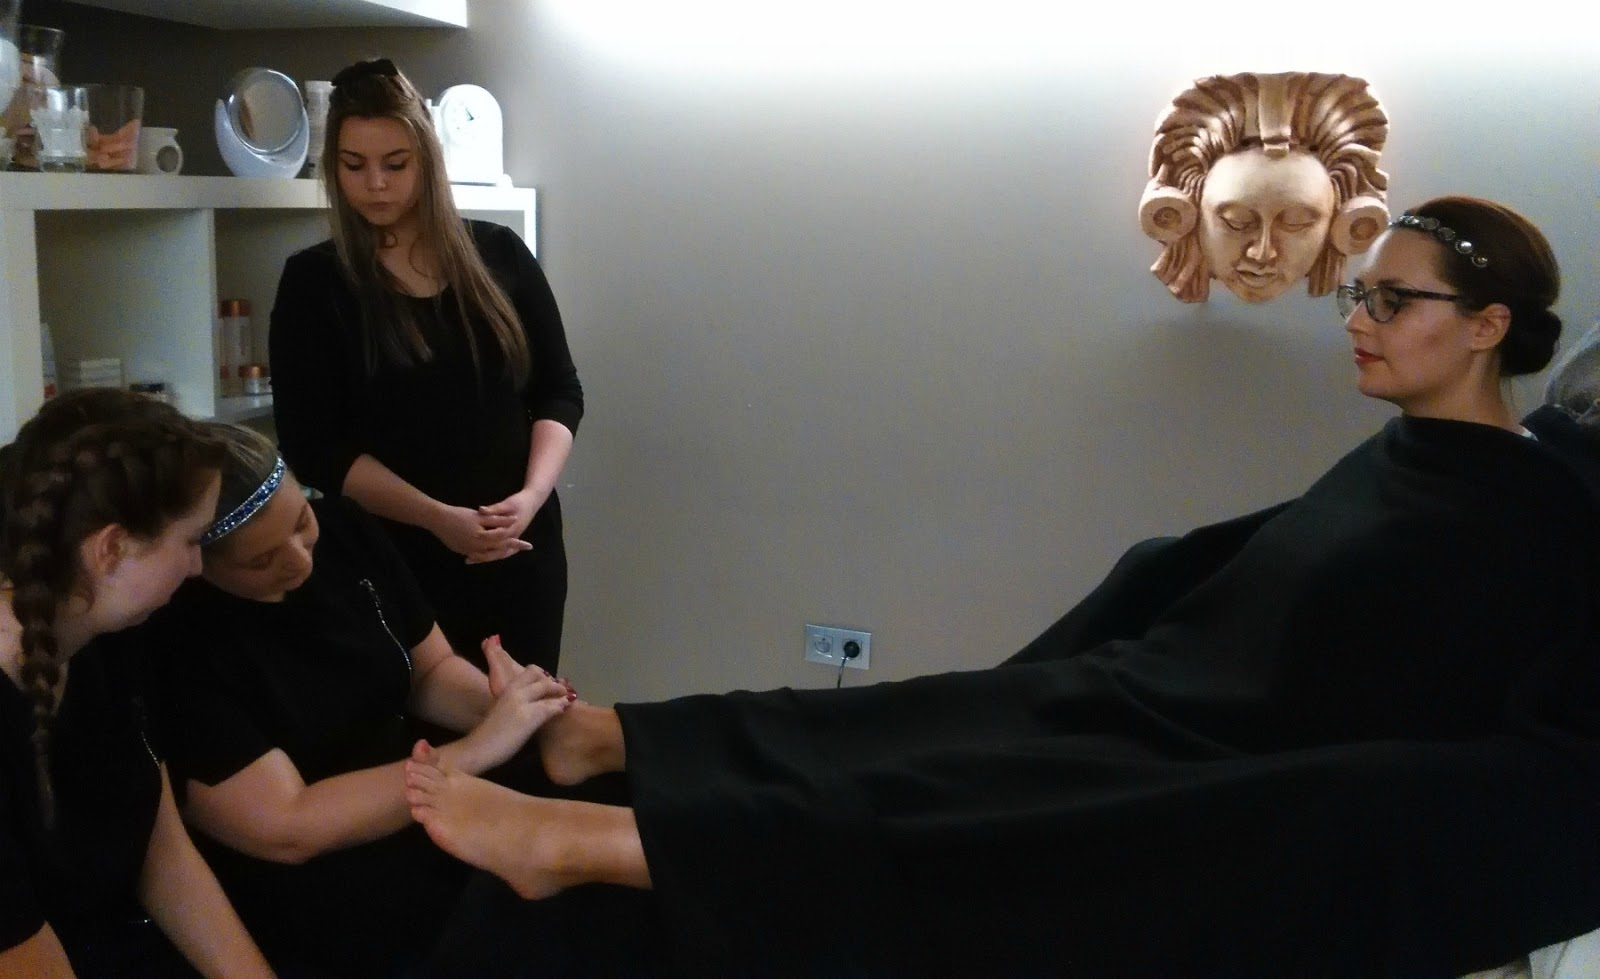 voetreflexiologie